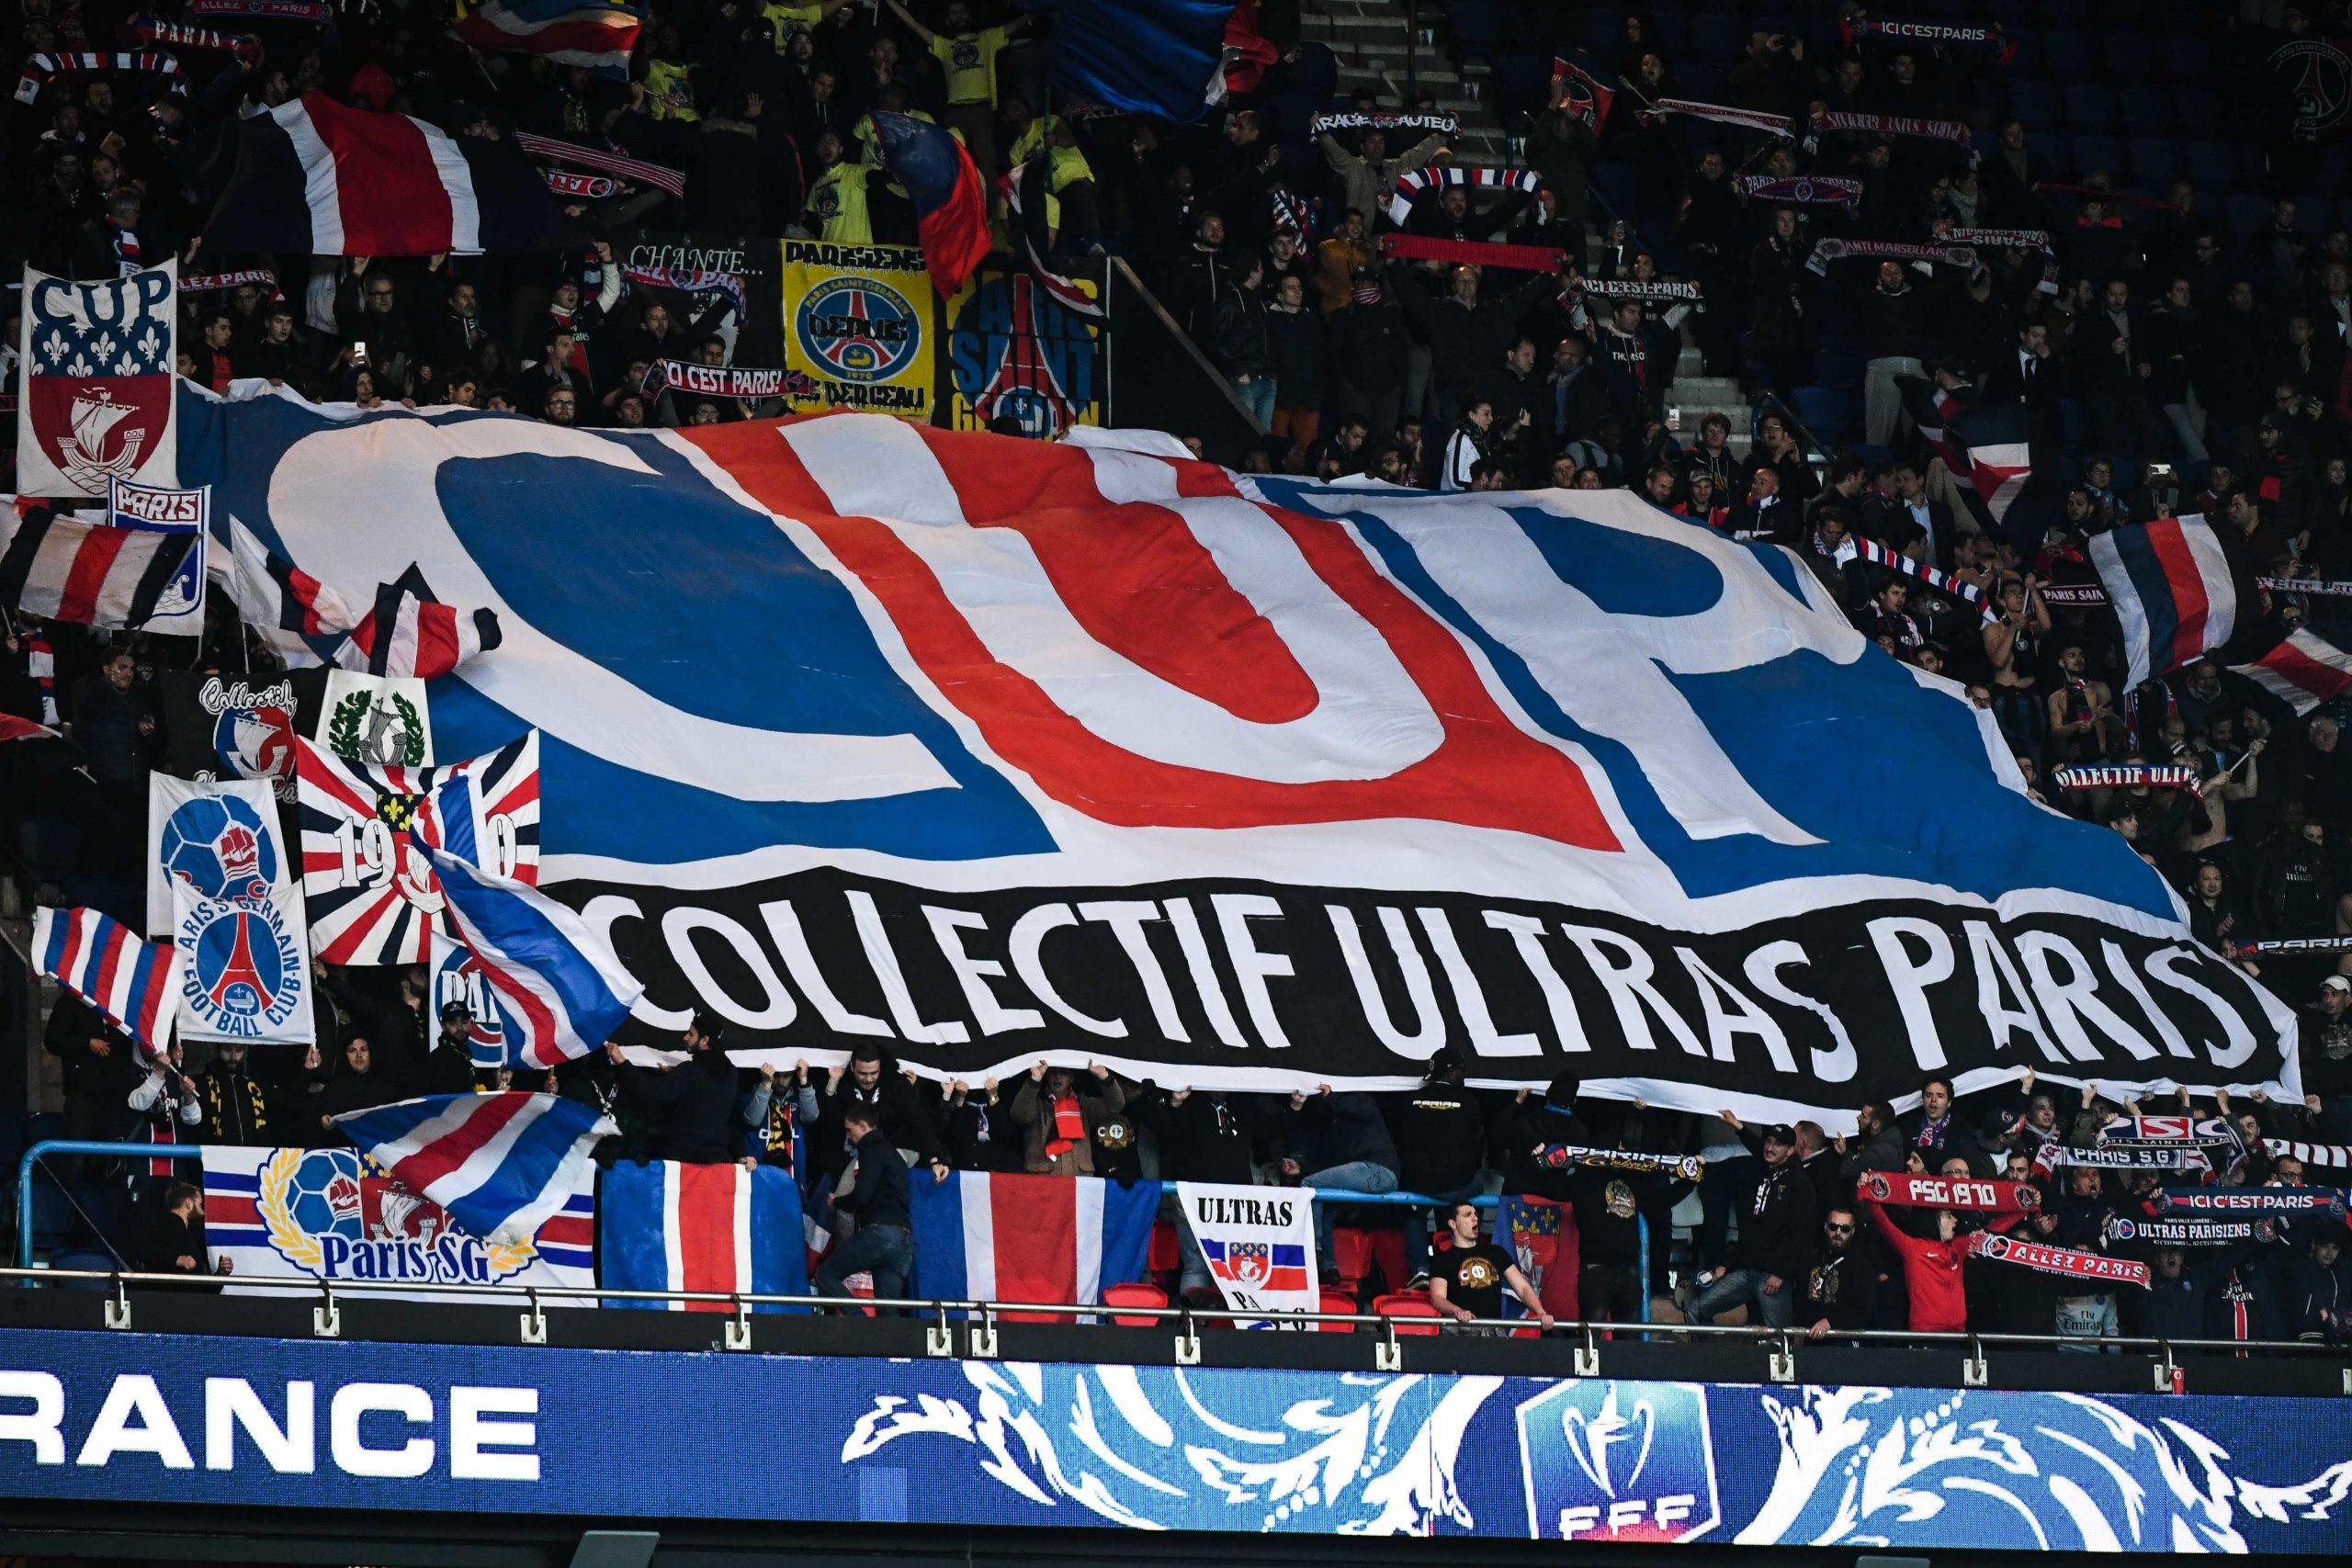 Le Collectif Ultras Paris s'en prend à L'Equipe après l'annonce d'interpellations